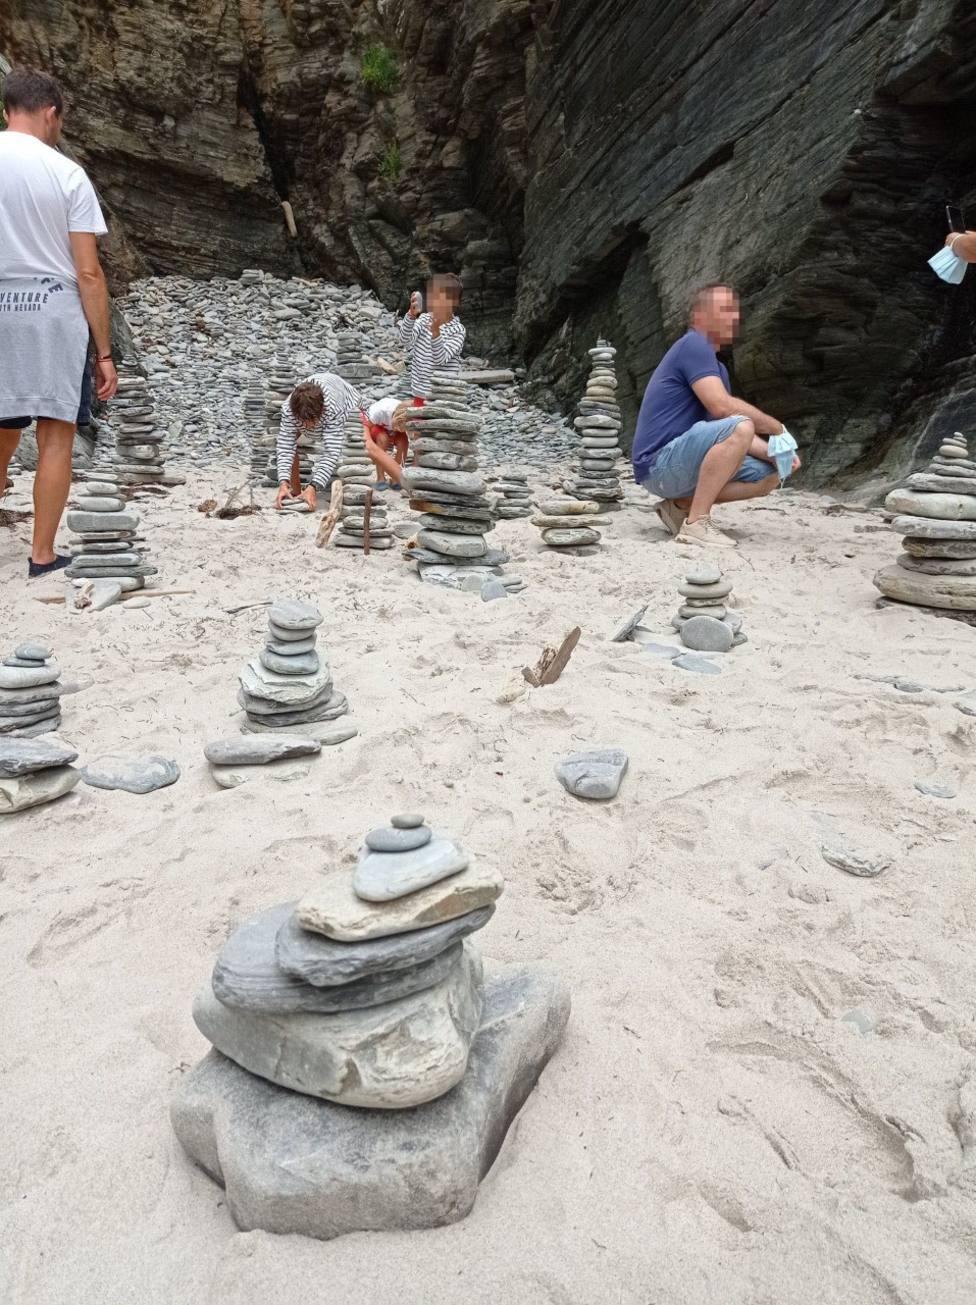 Amontonamiento de piedras en la Praia das Catedrais